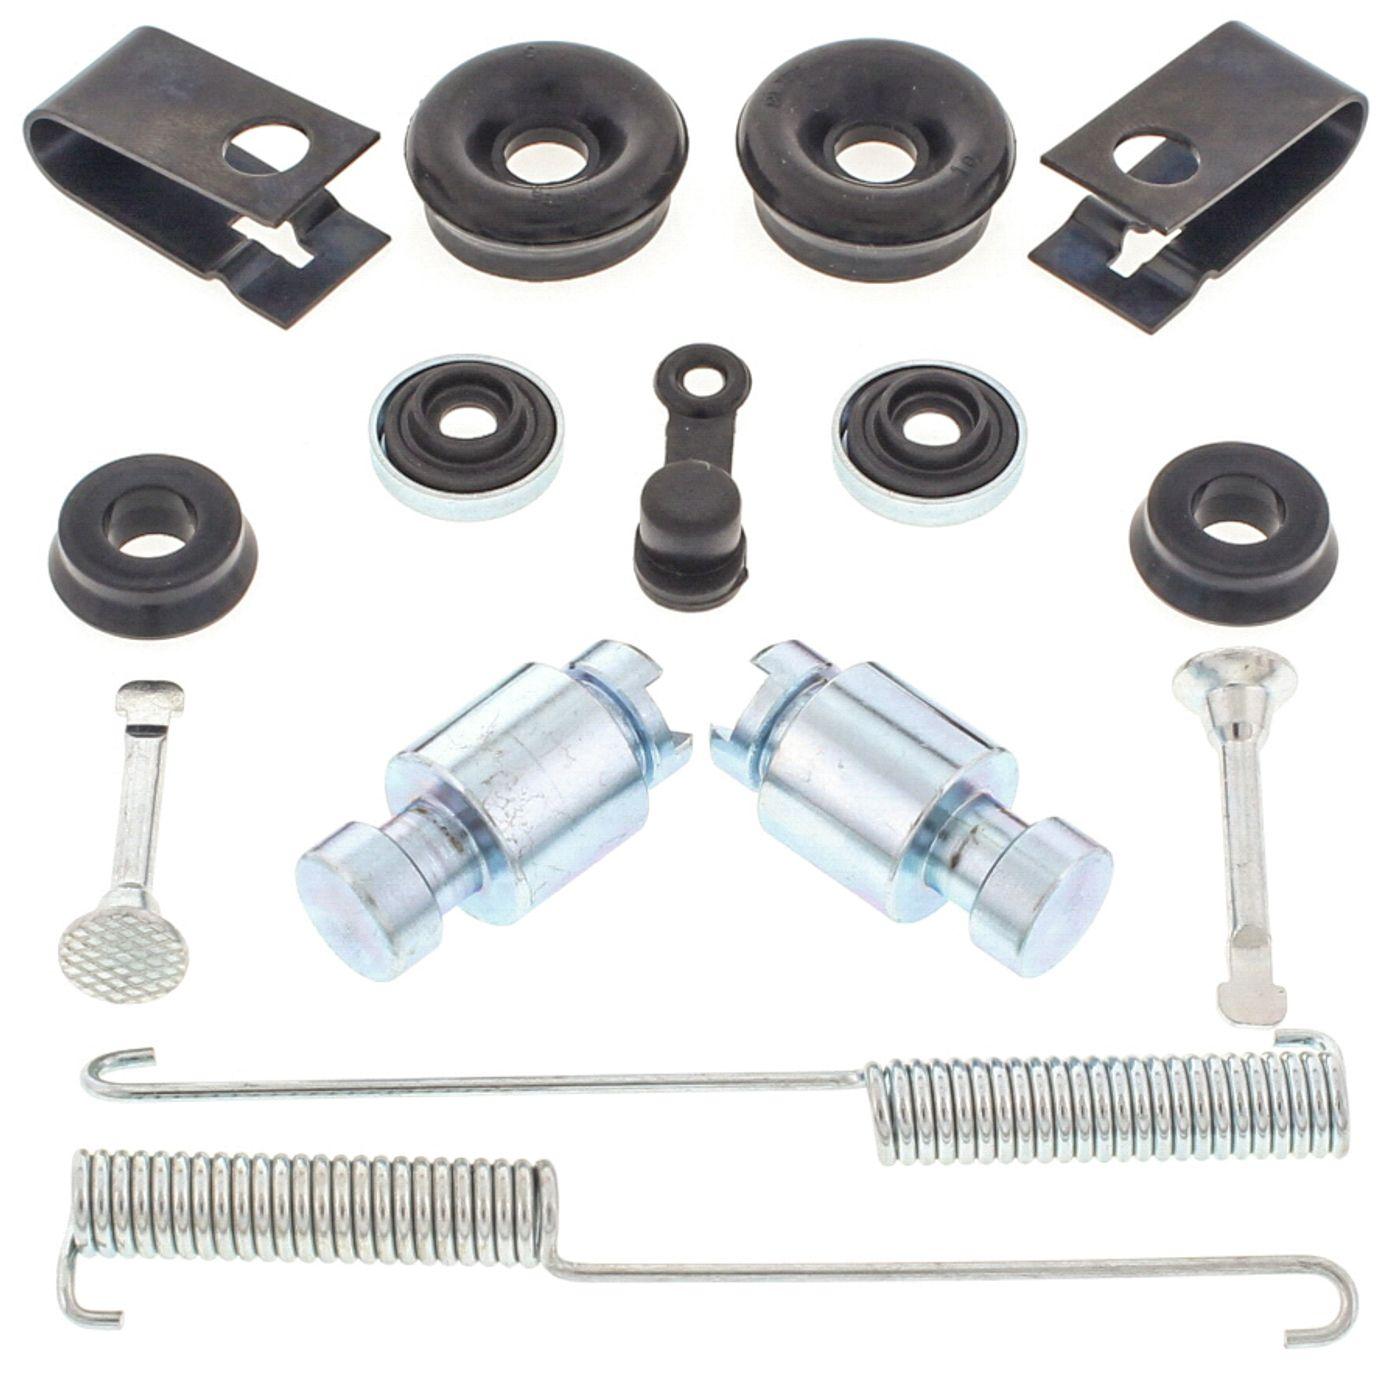 Wrp Wheel Cylinder Rebuild Kit - WRP185006 image